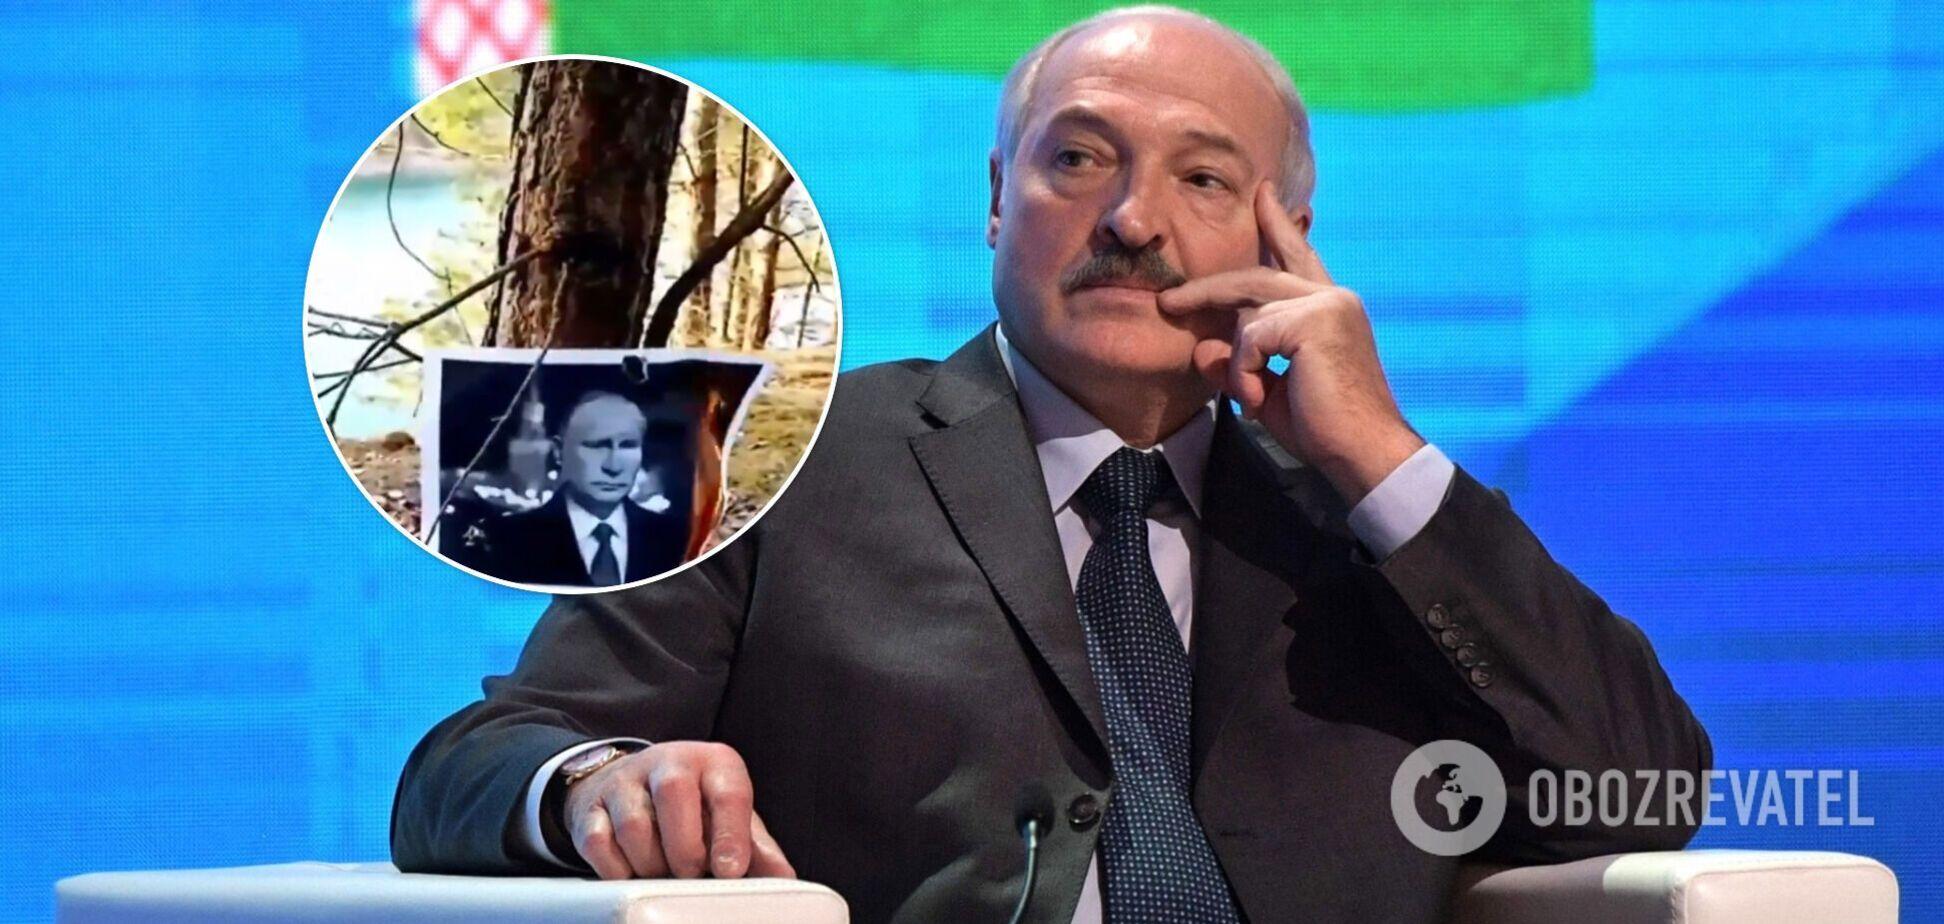 В Беларуси сожгли портреты Путина после поездки Лукашенко в Москву